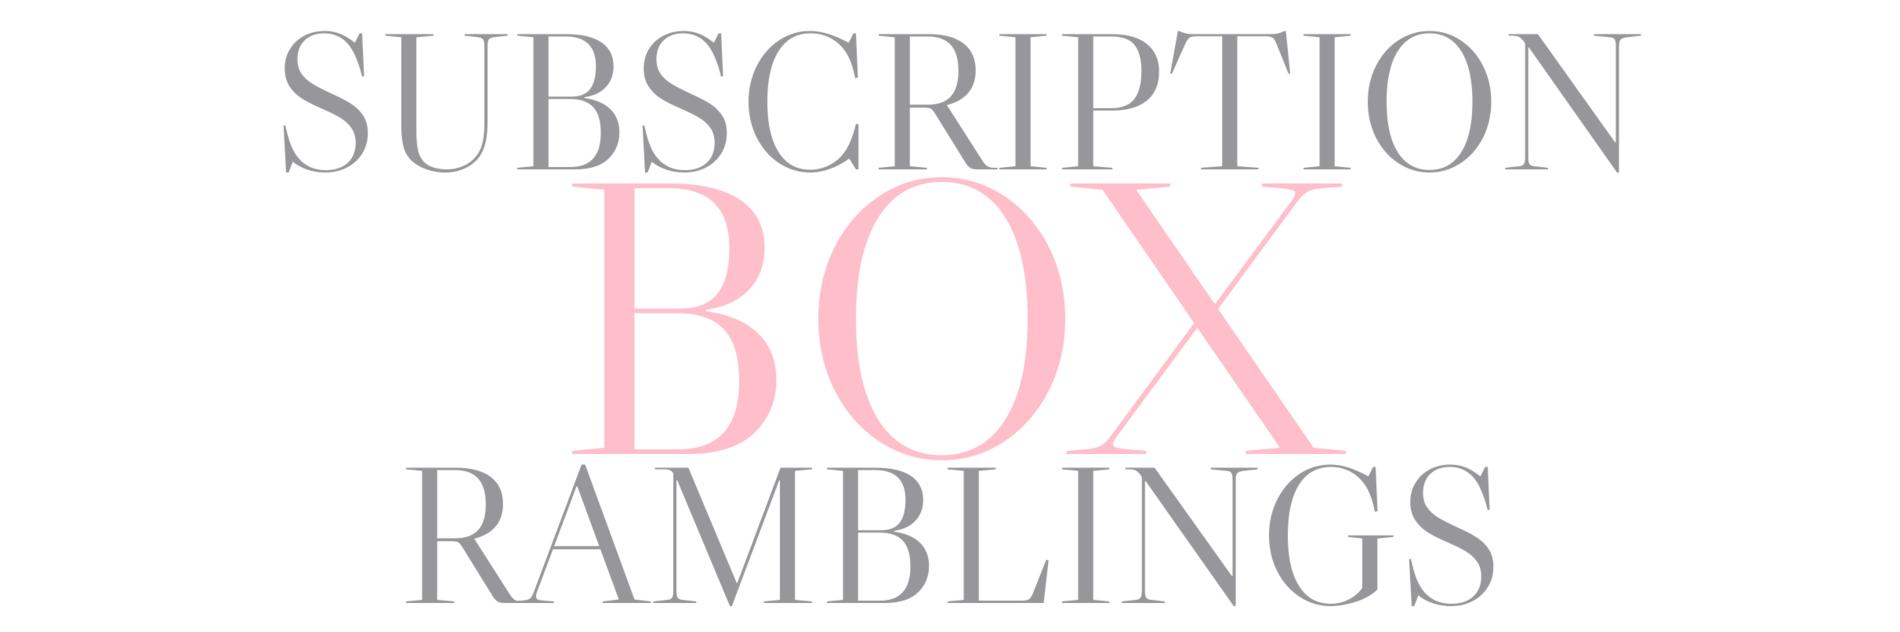 Subscription Box Ramblings